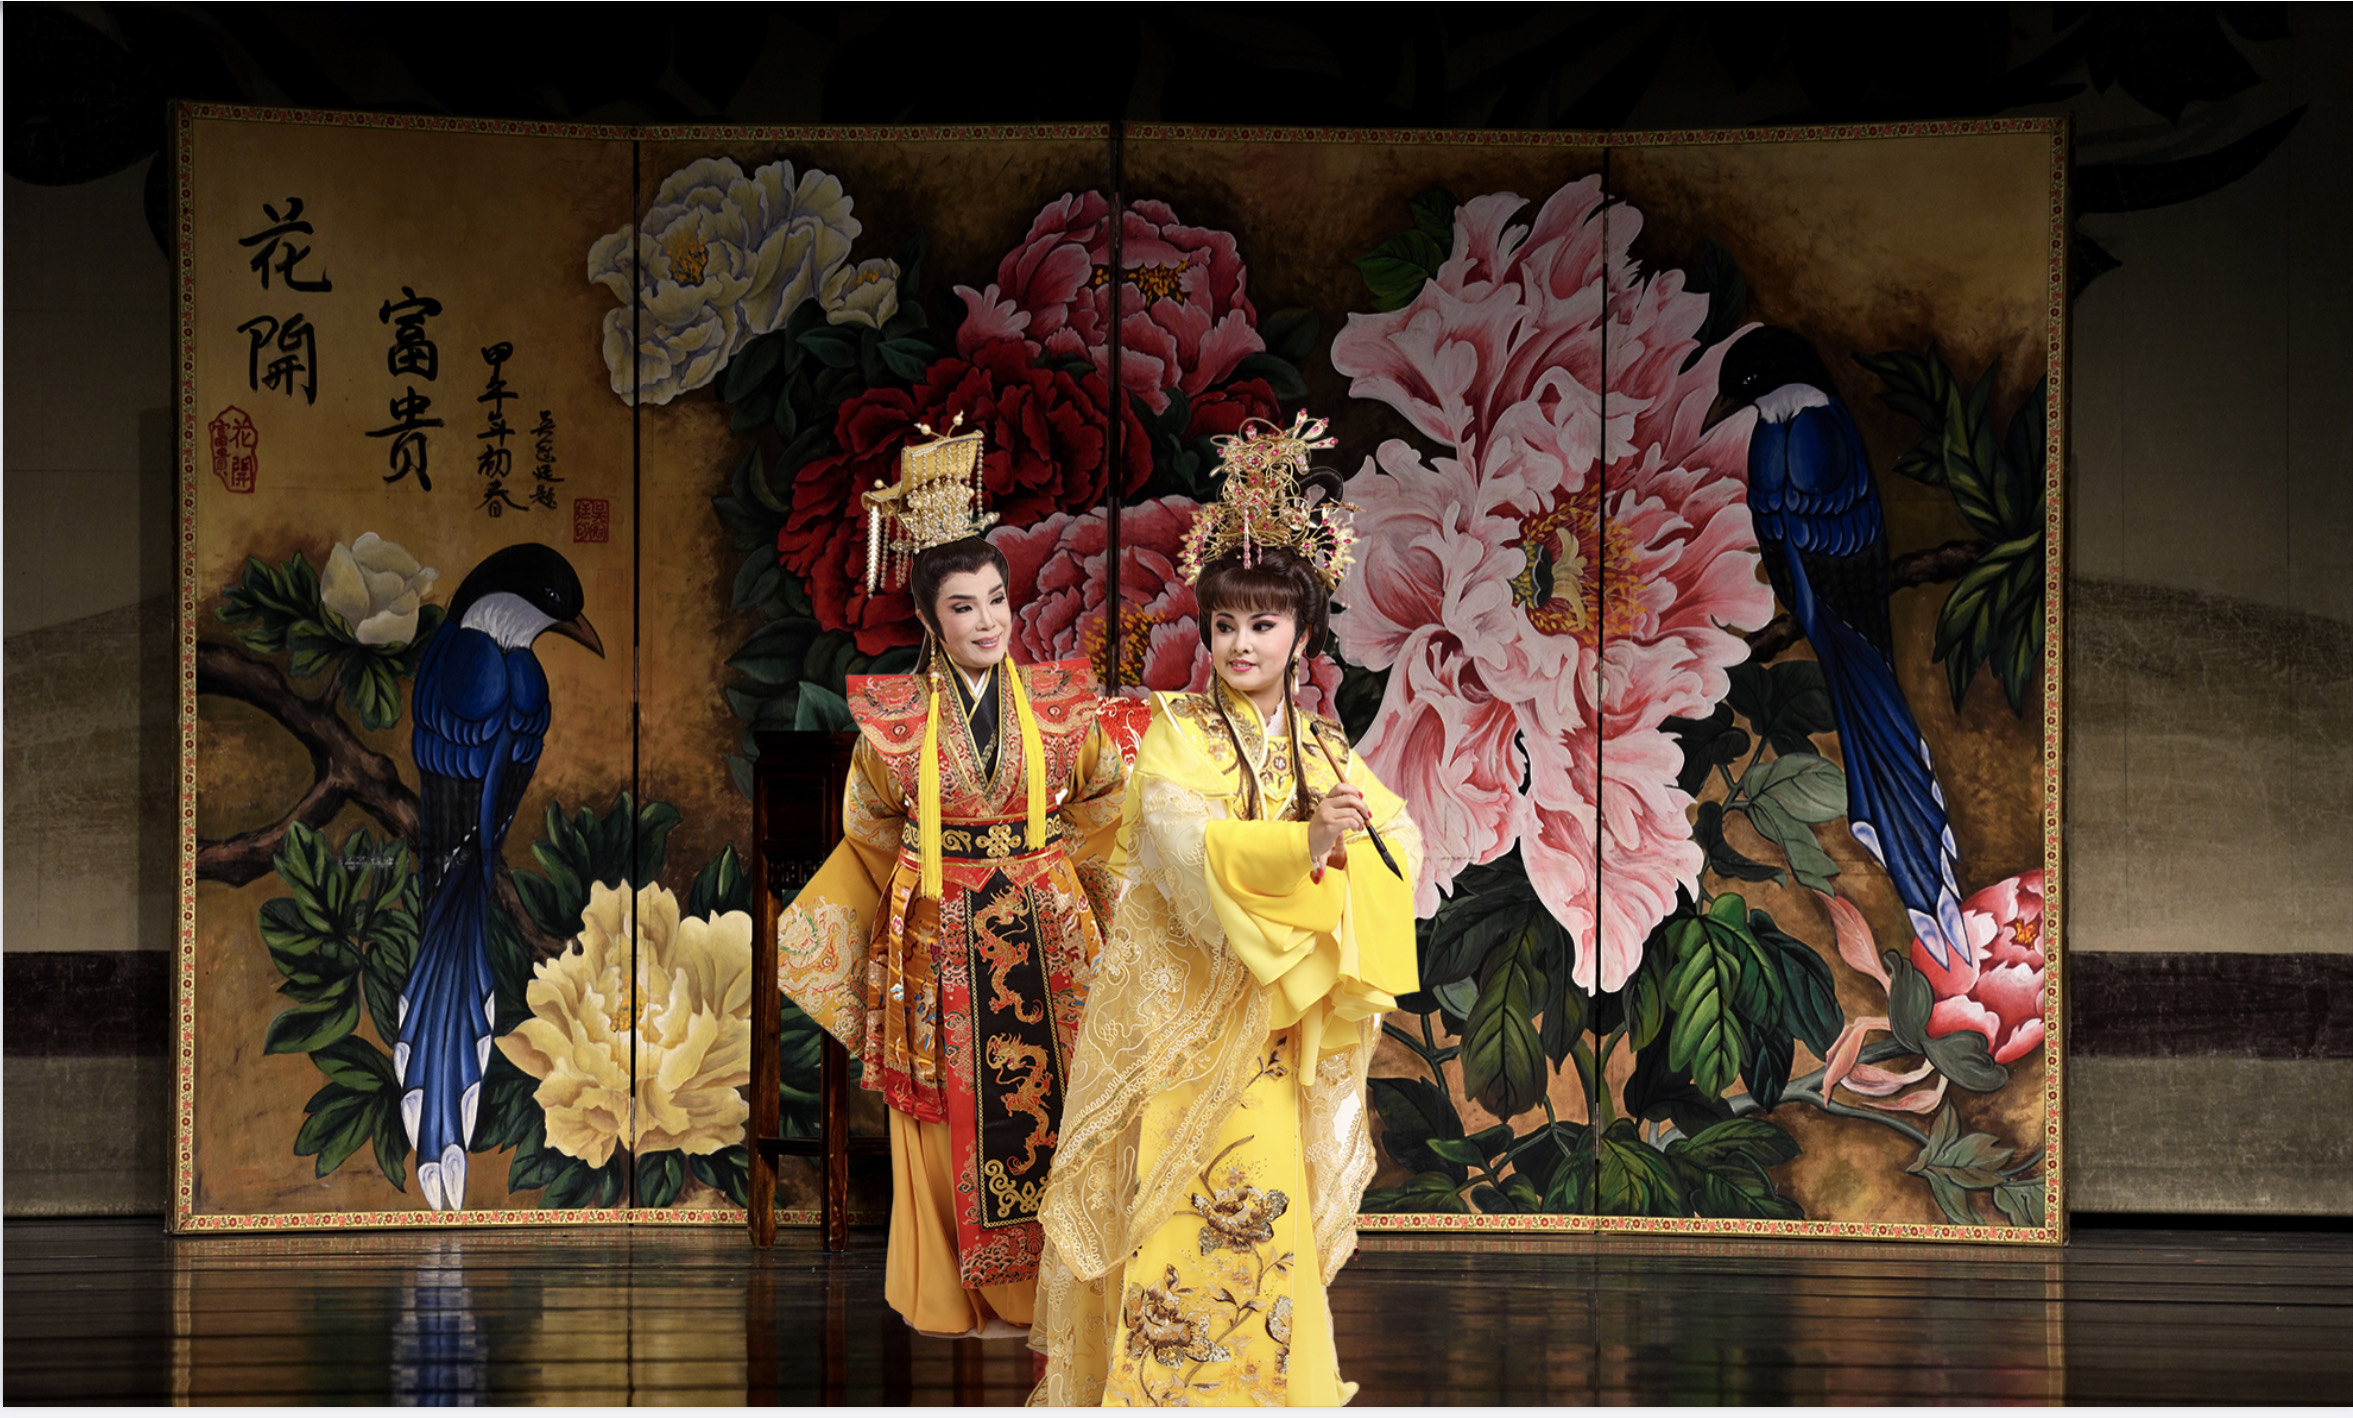 (開新視窗)連至 歡喜劇團-傳統歌仔戲〈紫垣夢迴〉劇照 完整照片